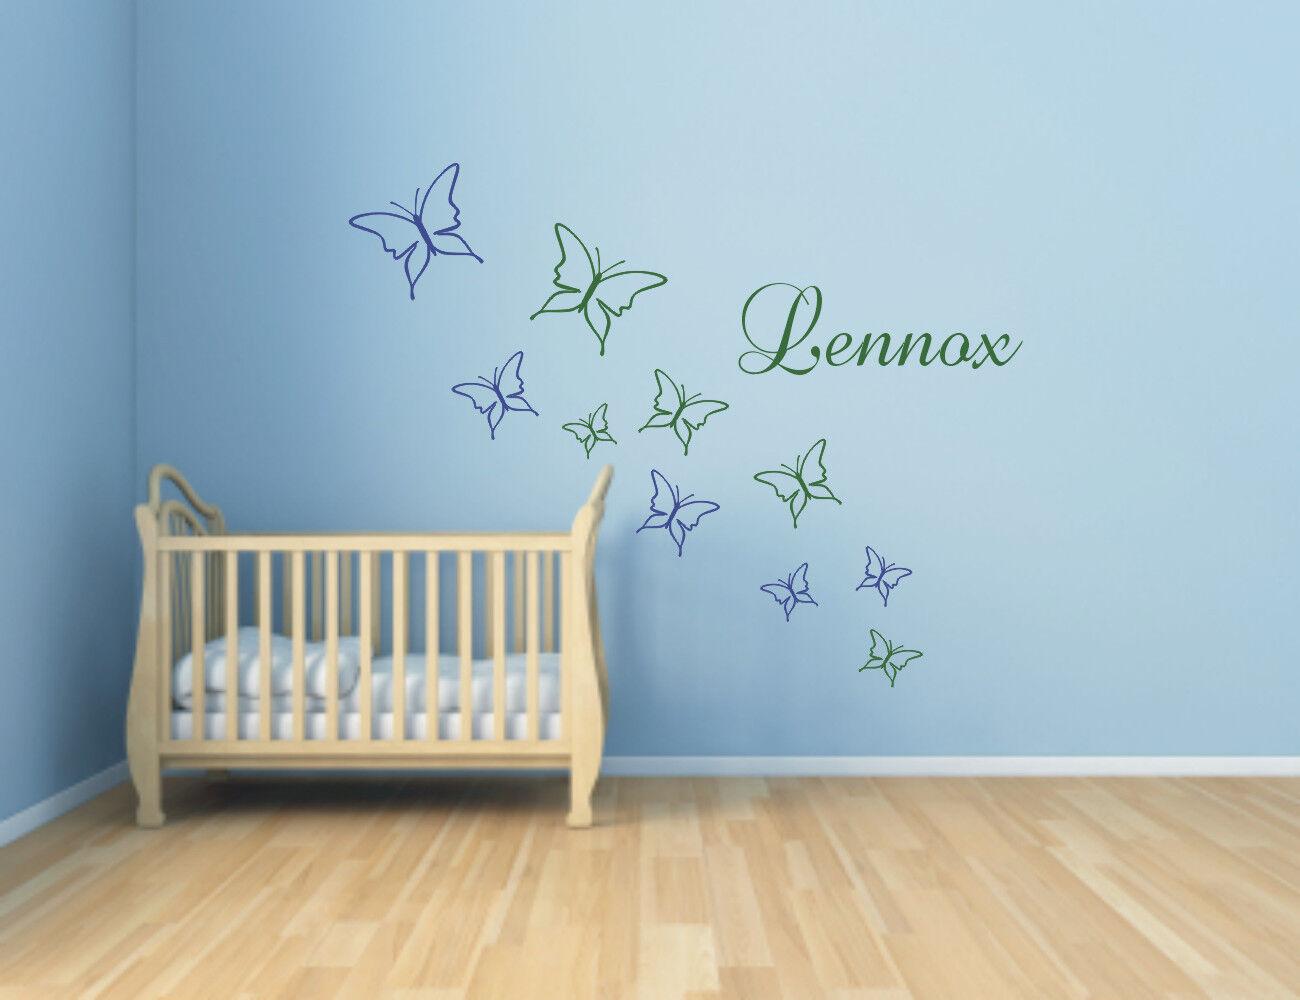 wandtattoo 10 schmetterlinge mit namen wunschnamen kinderzimmer 2 farbig eur 12 99. Black Bedroom Furniture Sets. Home Design Ideas